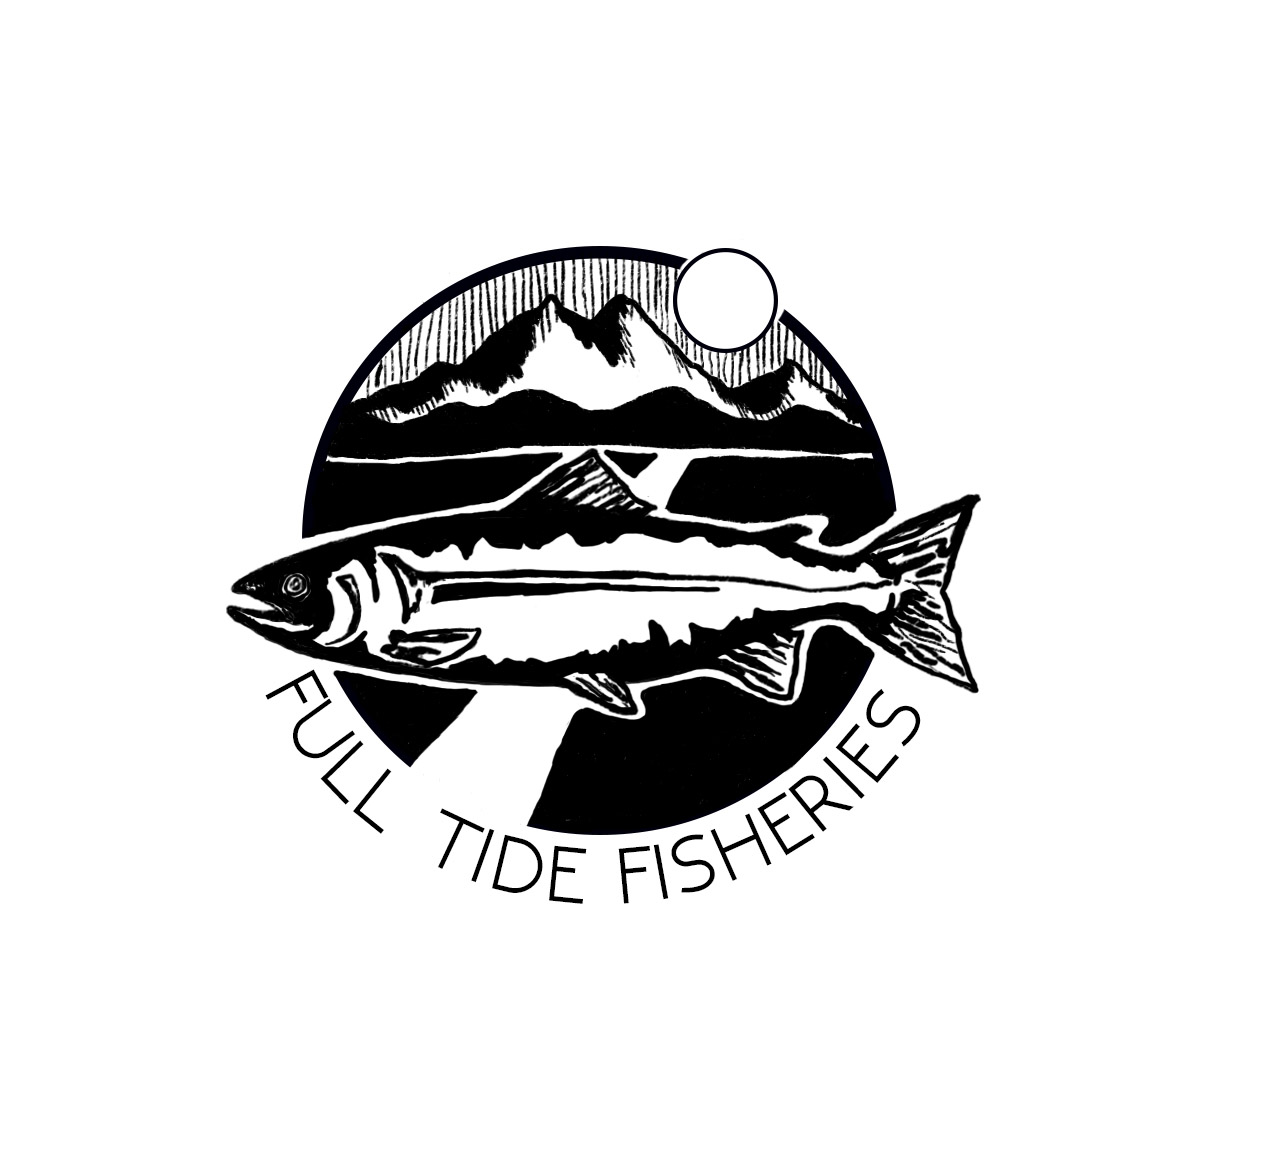 Full Tide Fisheries logo .jpg